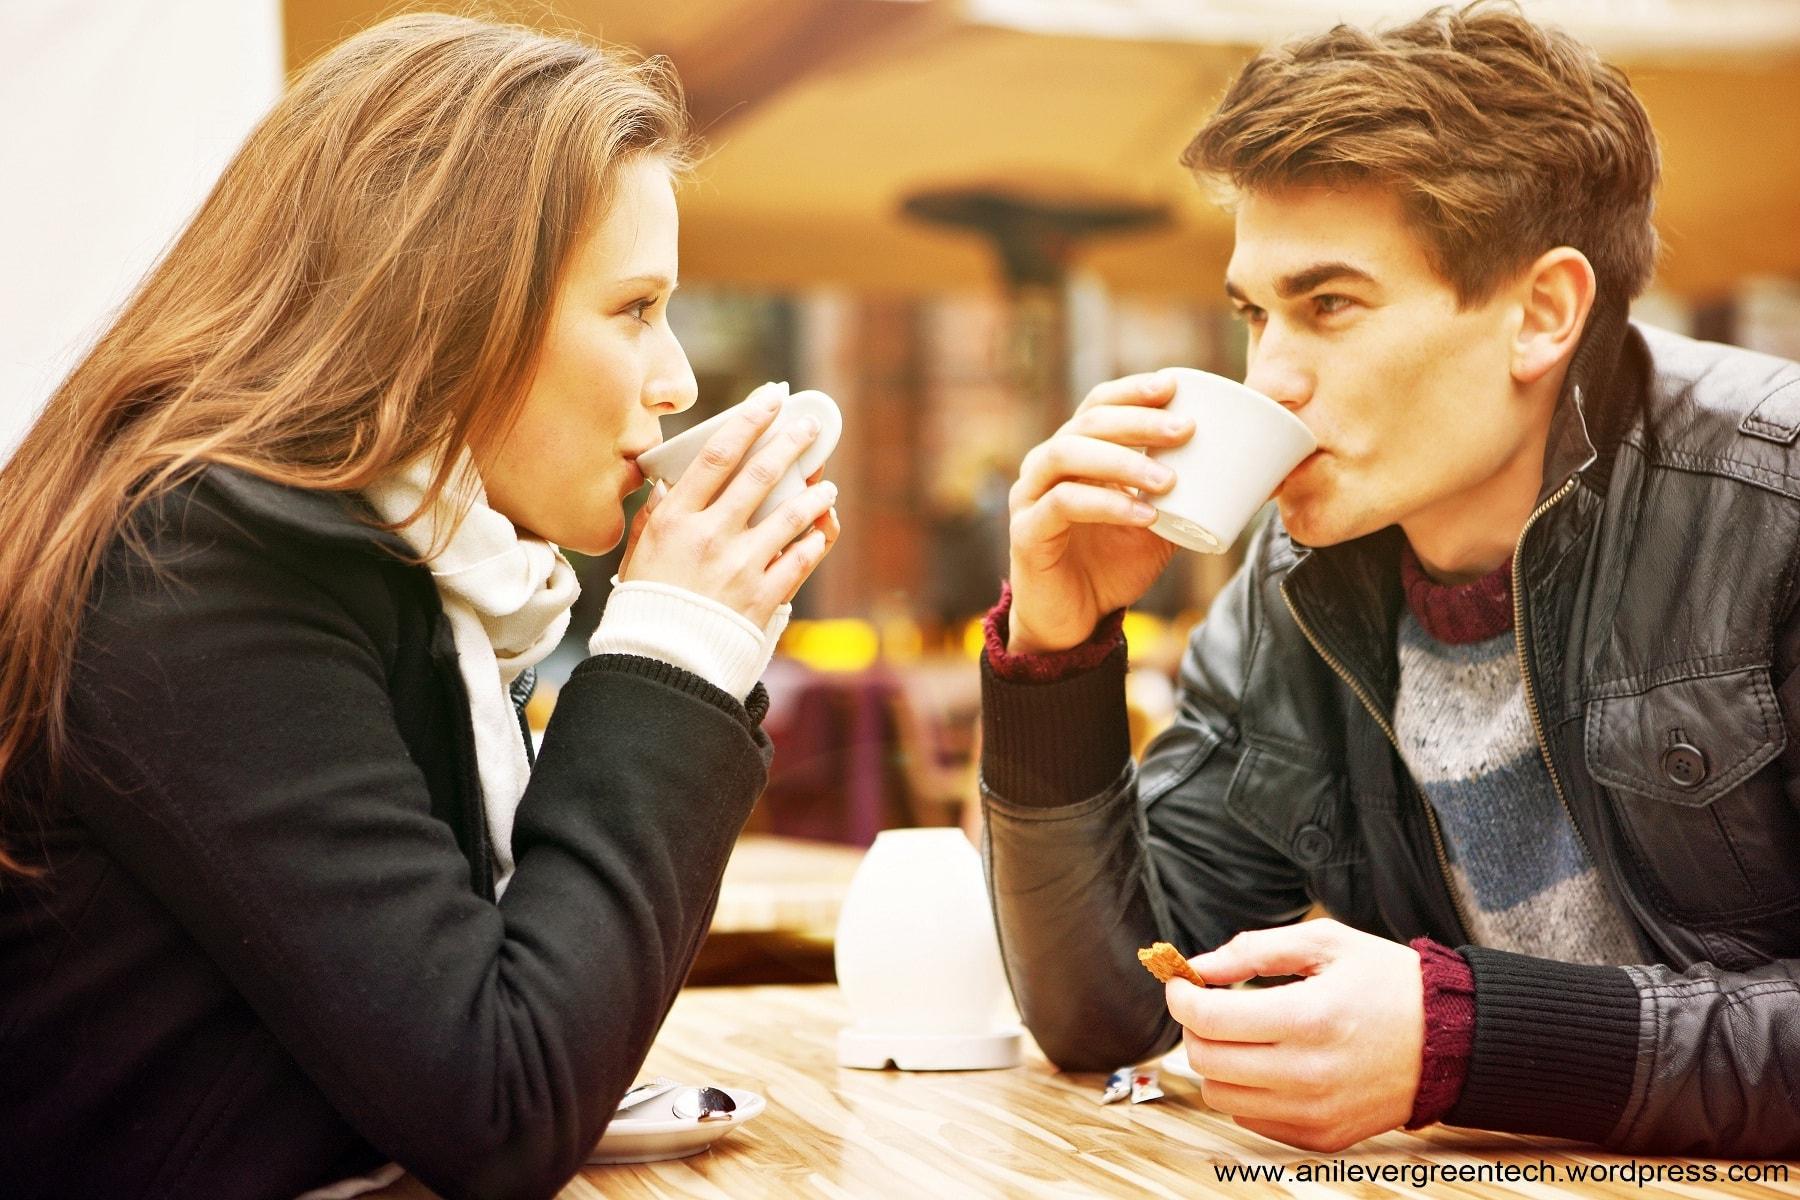 arra utal, hogy pszicho barátnővel randizsz